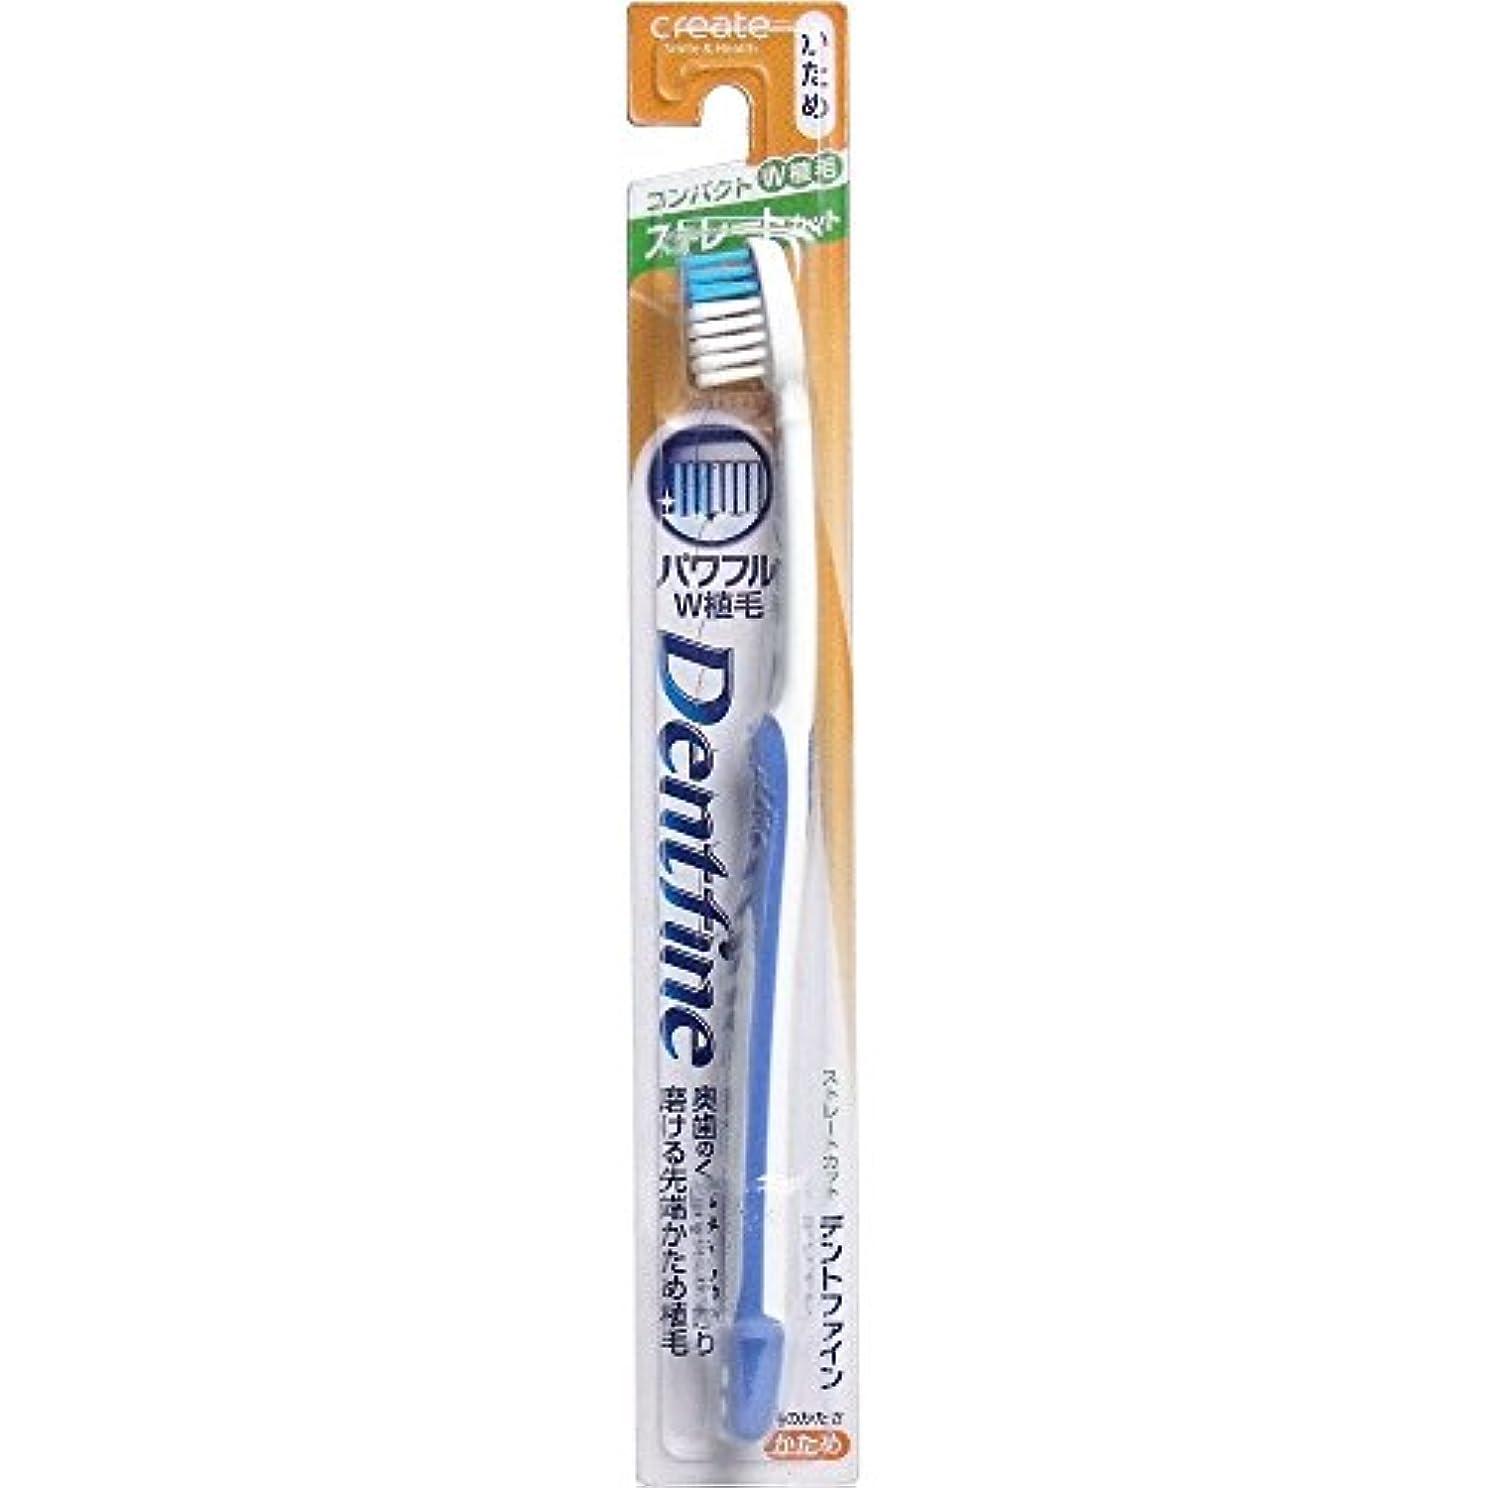 抽選区画日デントファイン ラバーグリップ ストレートカット 歯ブラシ かため 1本:ブルー